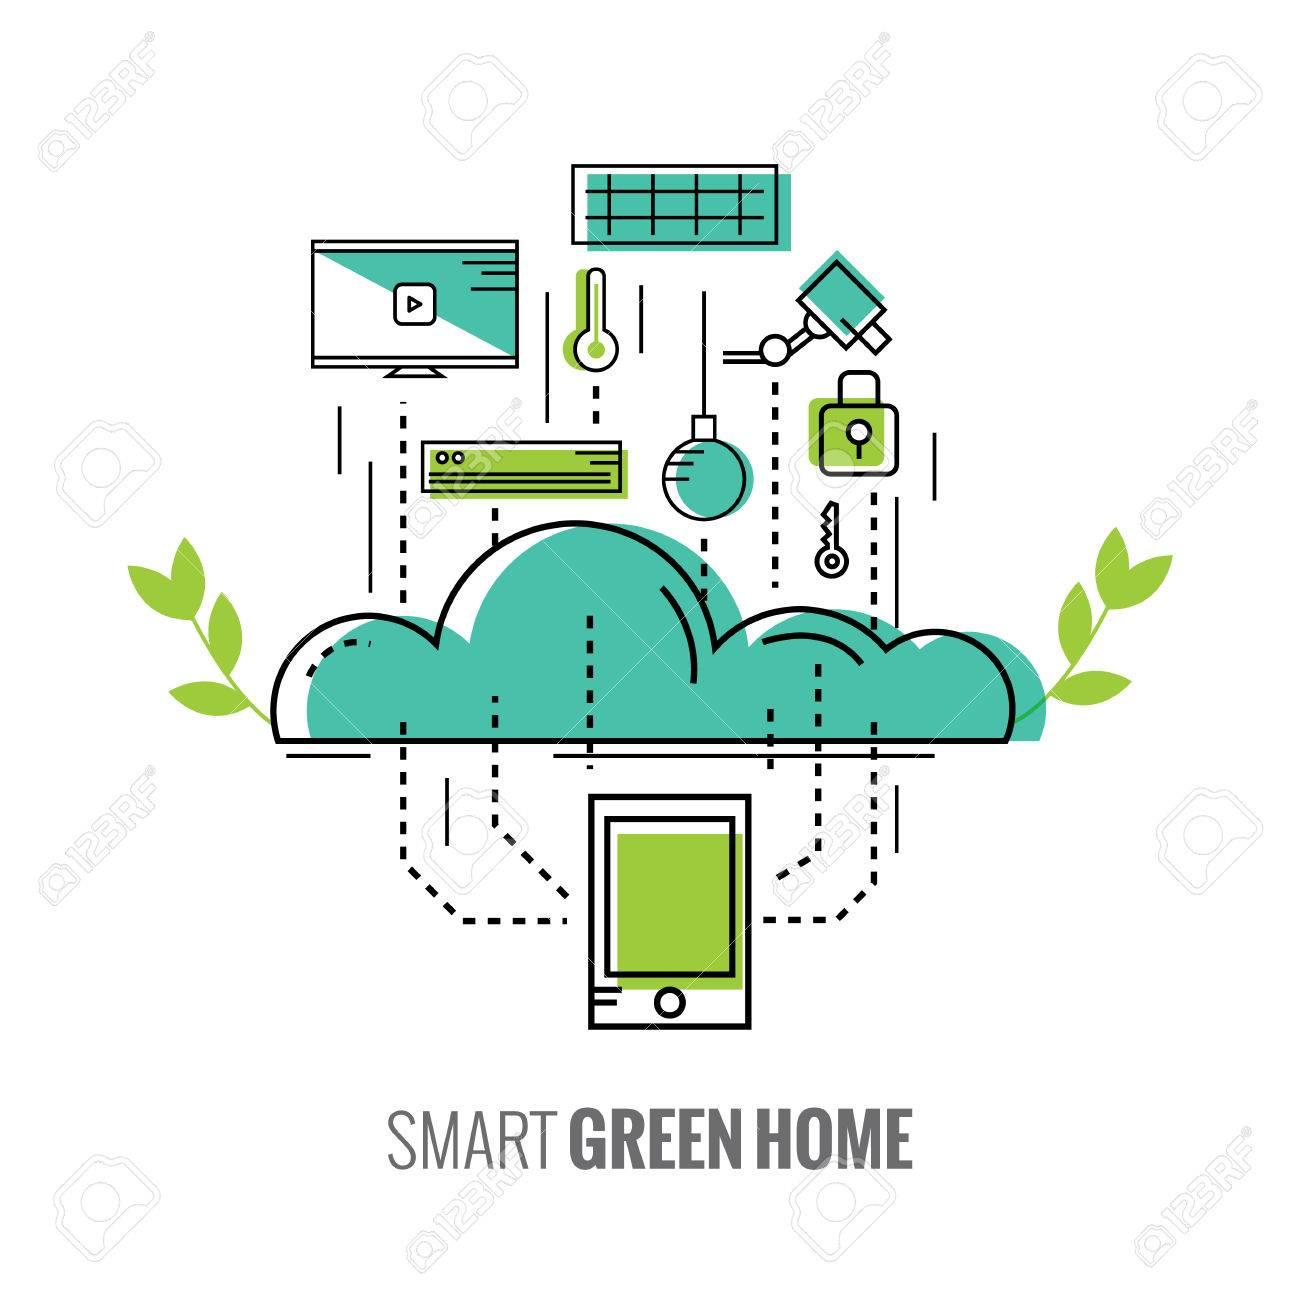 smart phone contrôler la maison. Économie d'énergie. intelligent